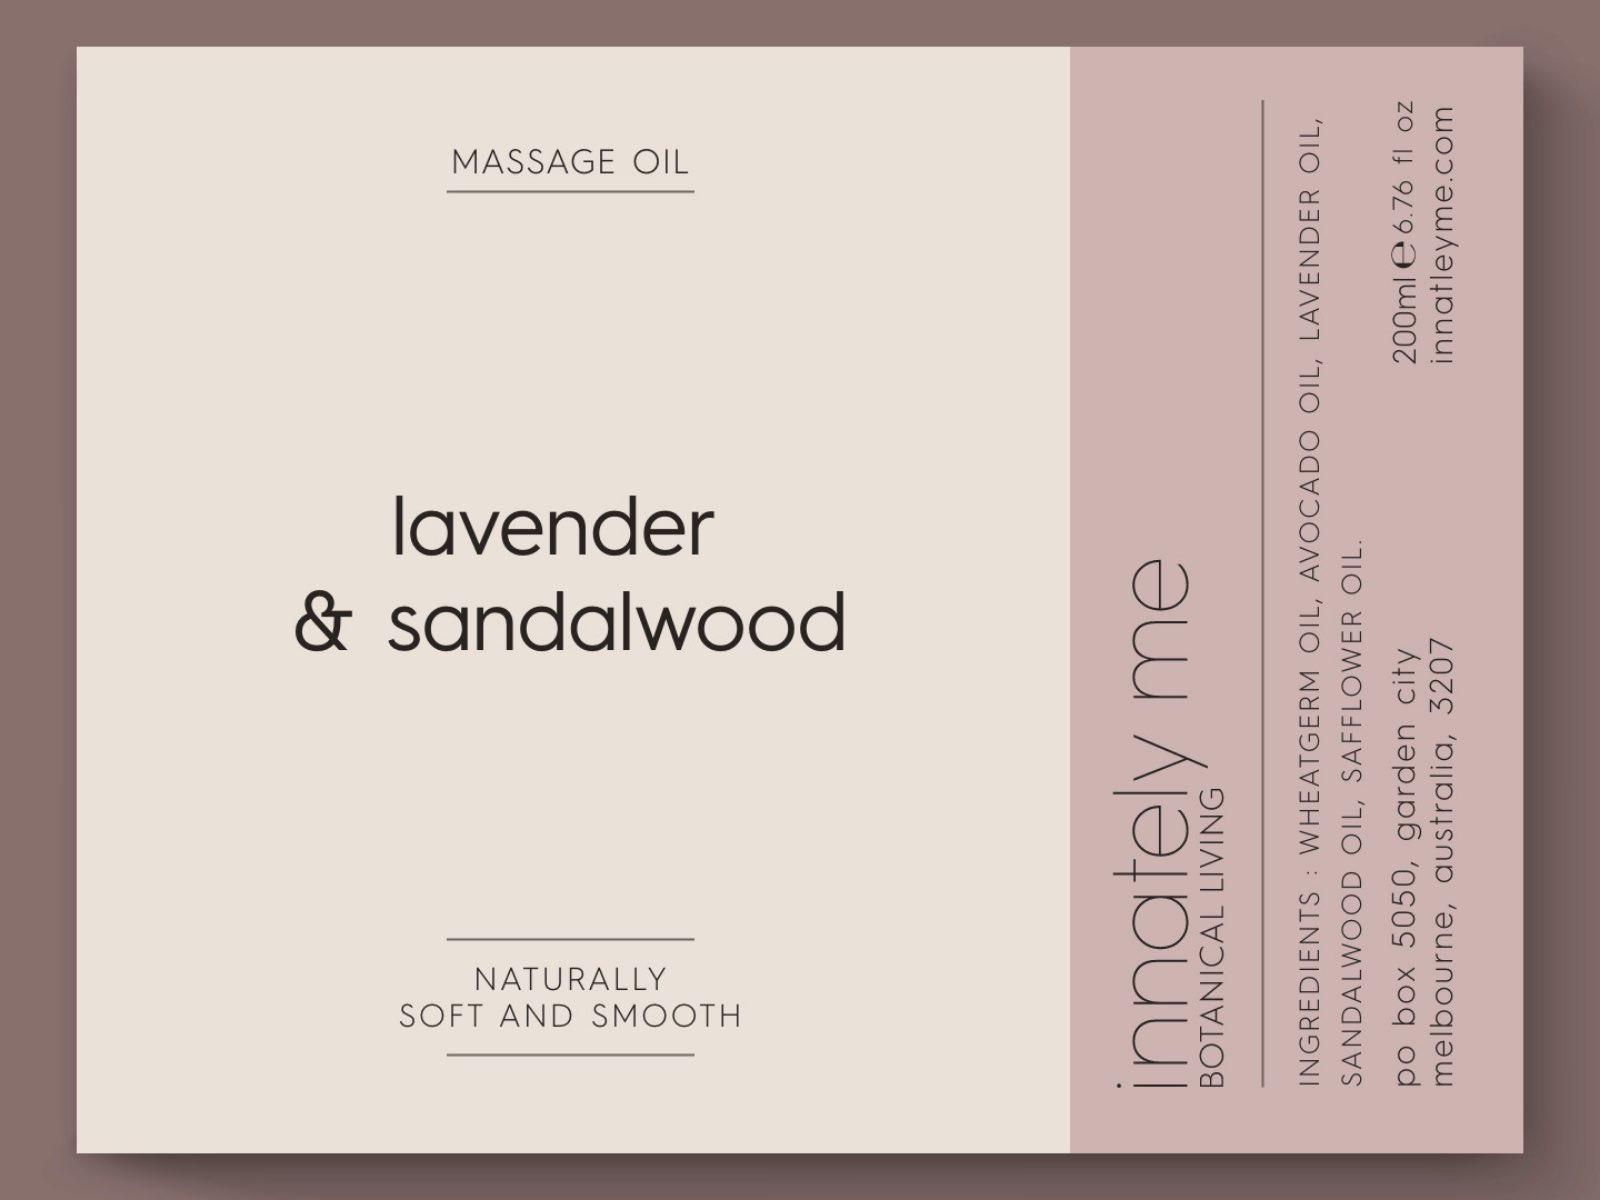 lavender sandalwood label design